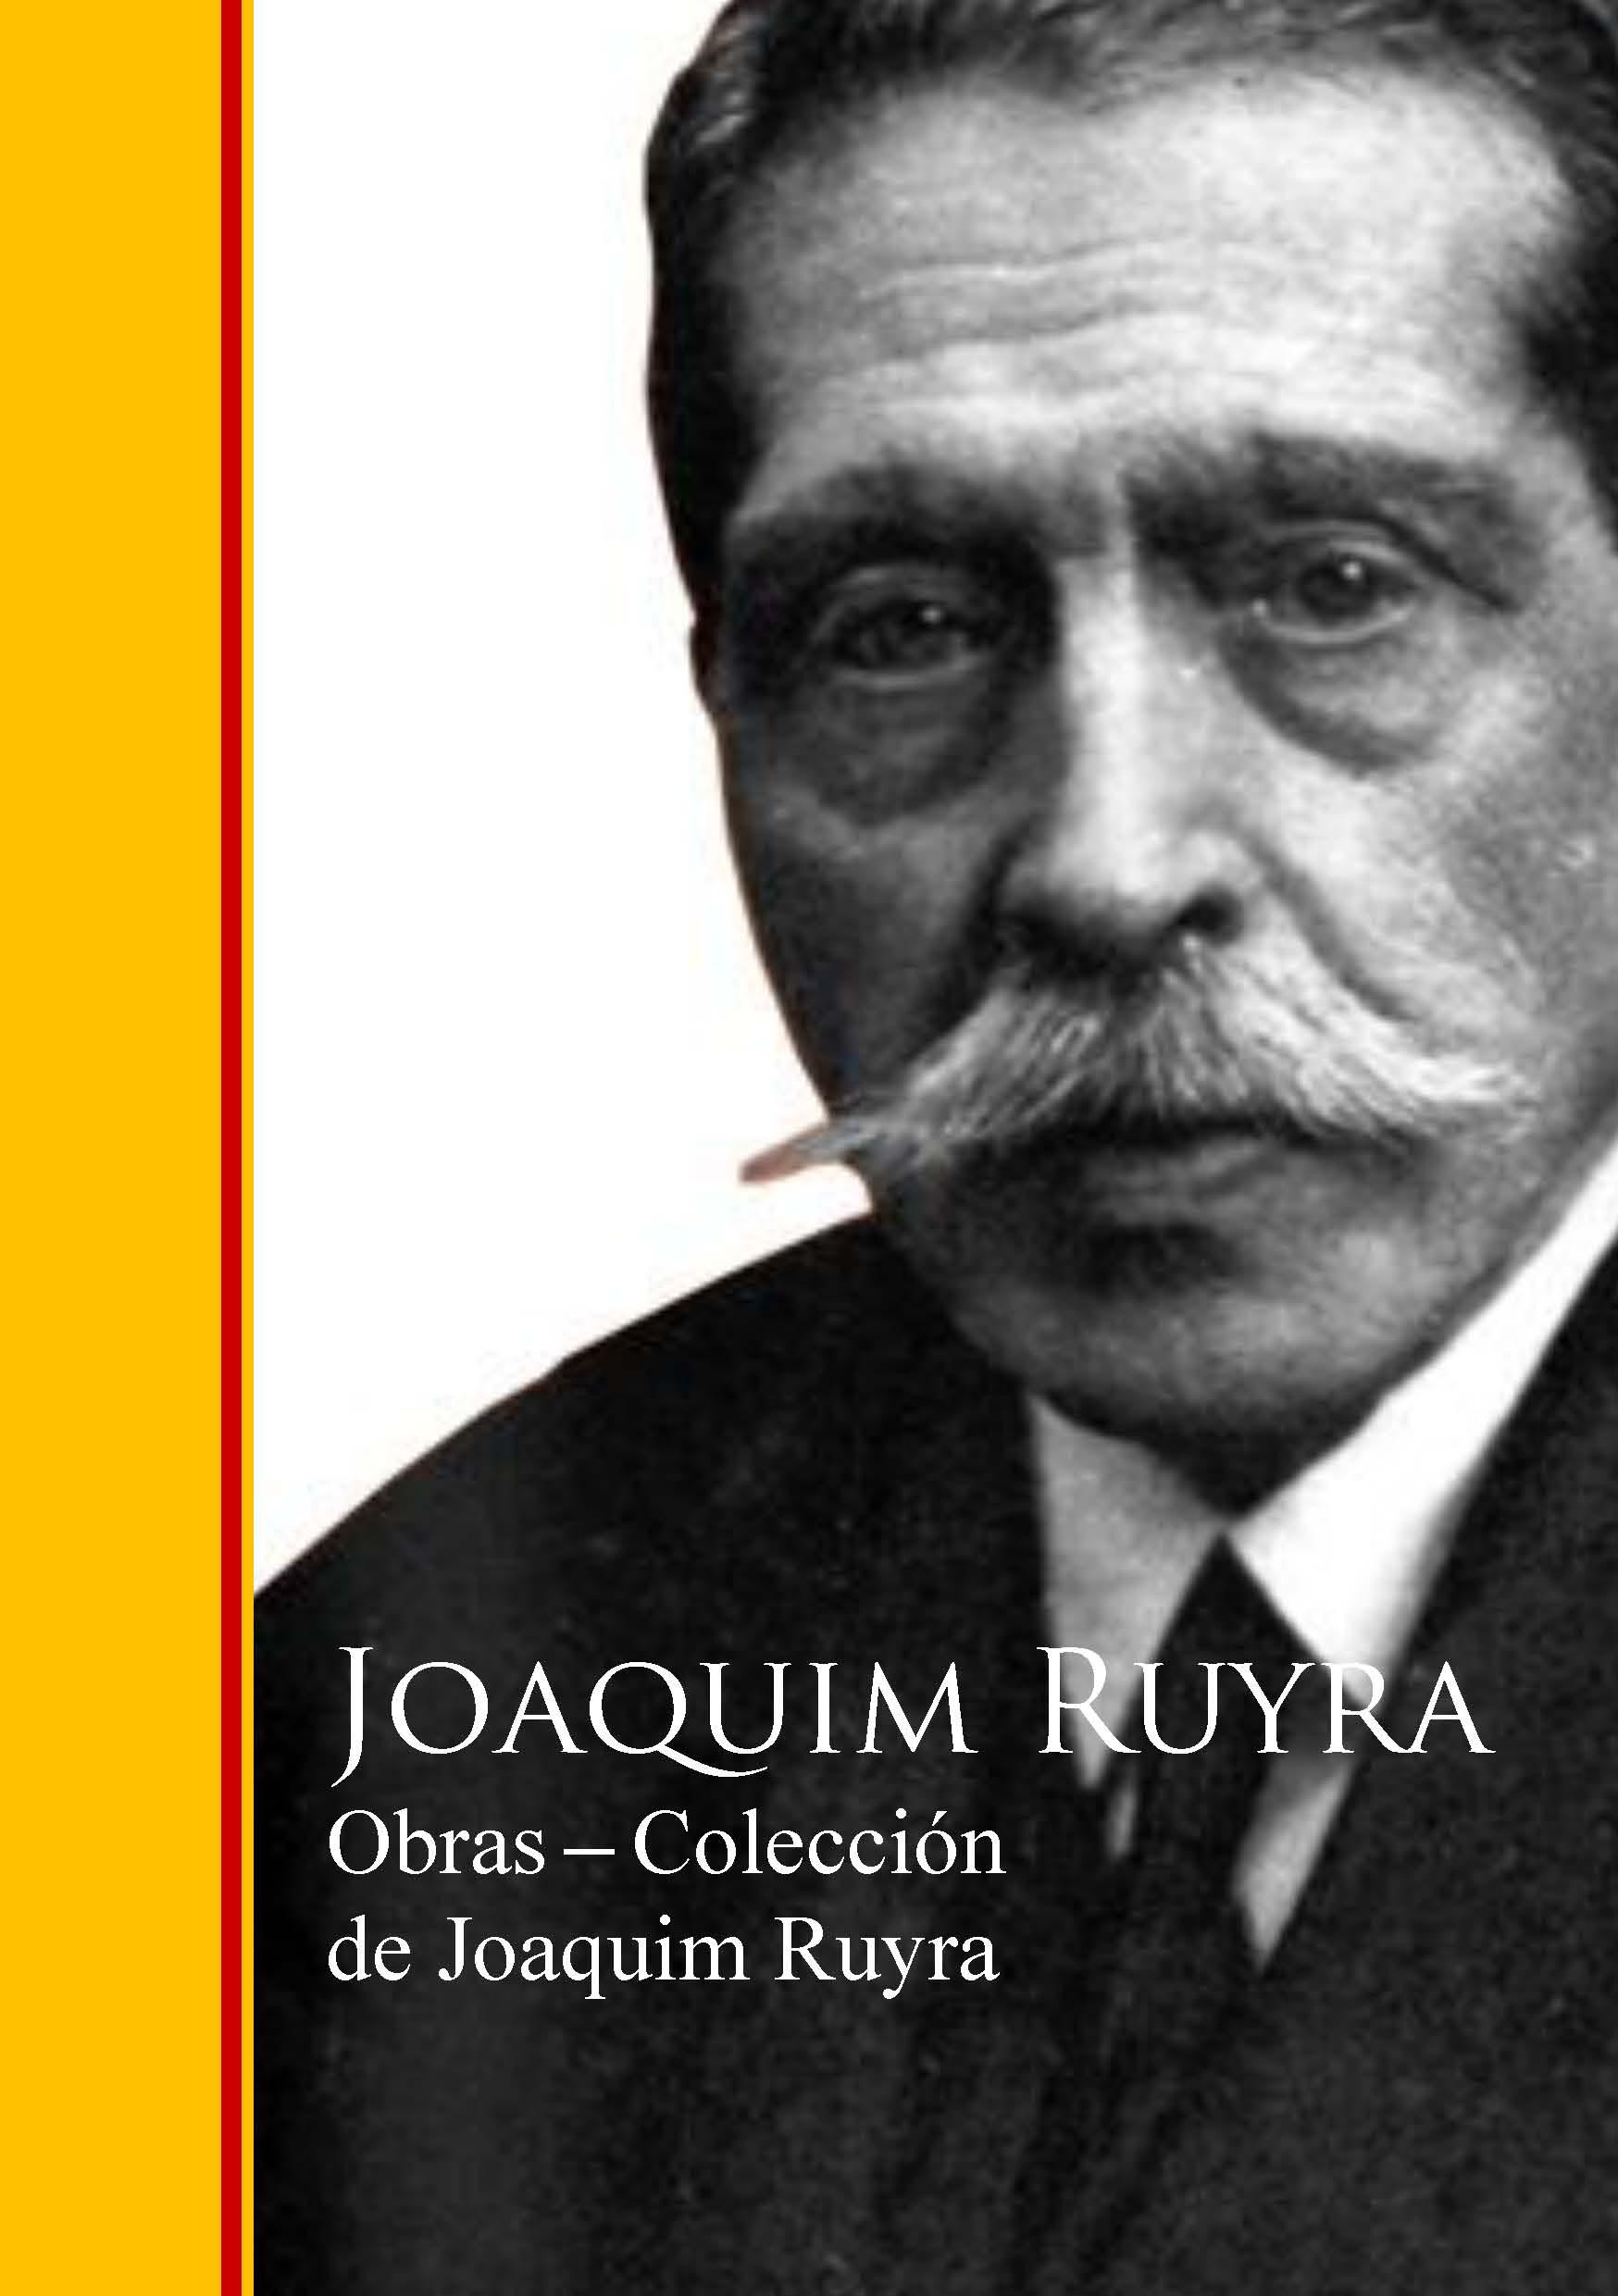 Joaquim Ruyra Obras - Coleccion de Joaquim Ruyra недорого